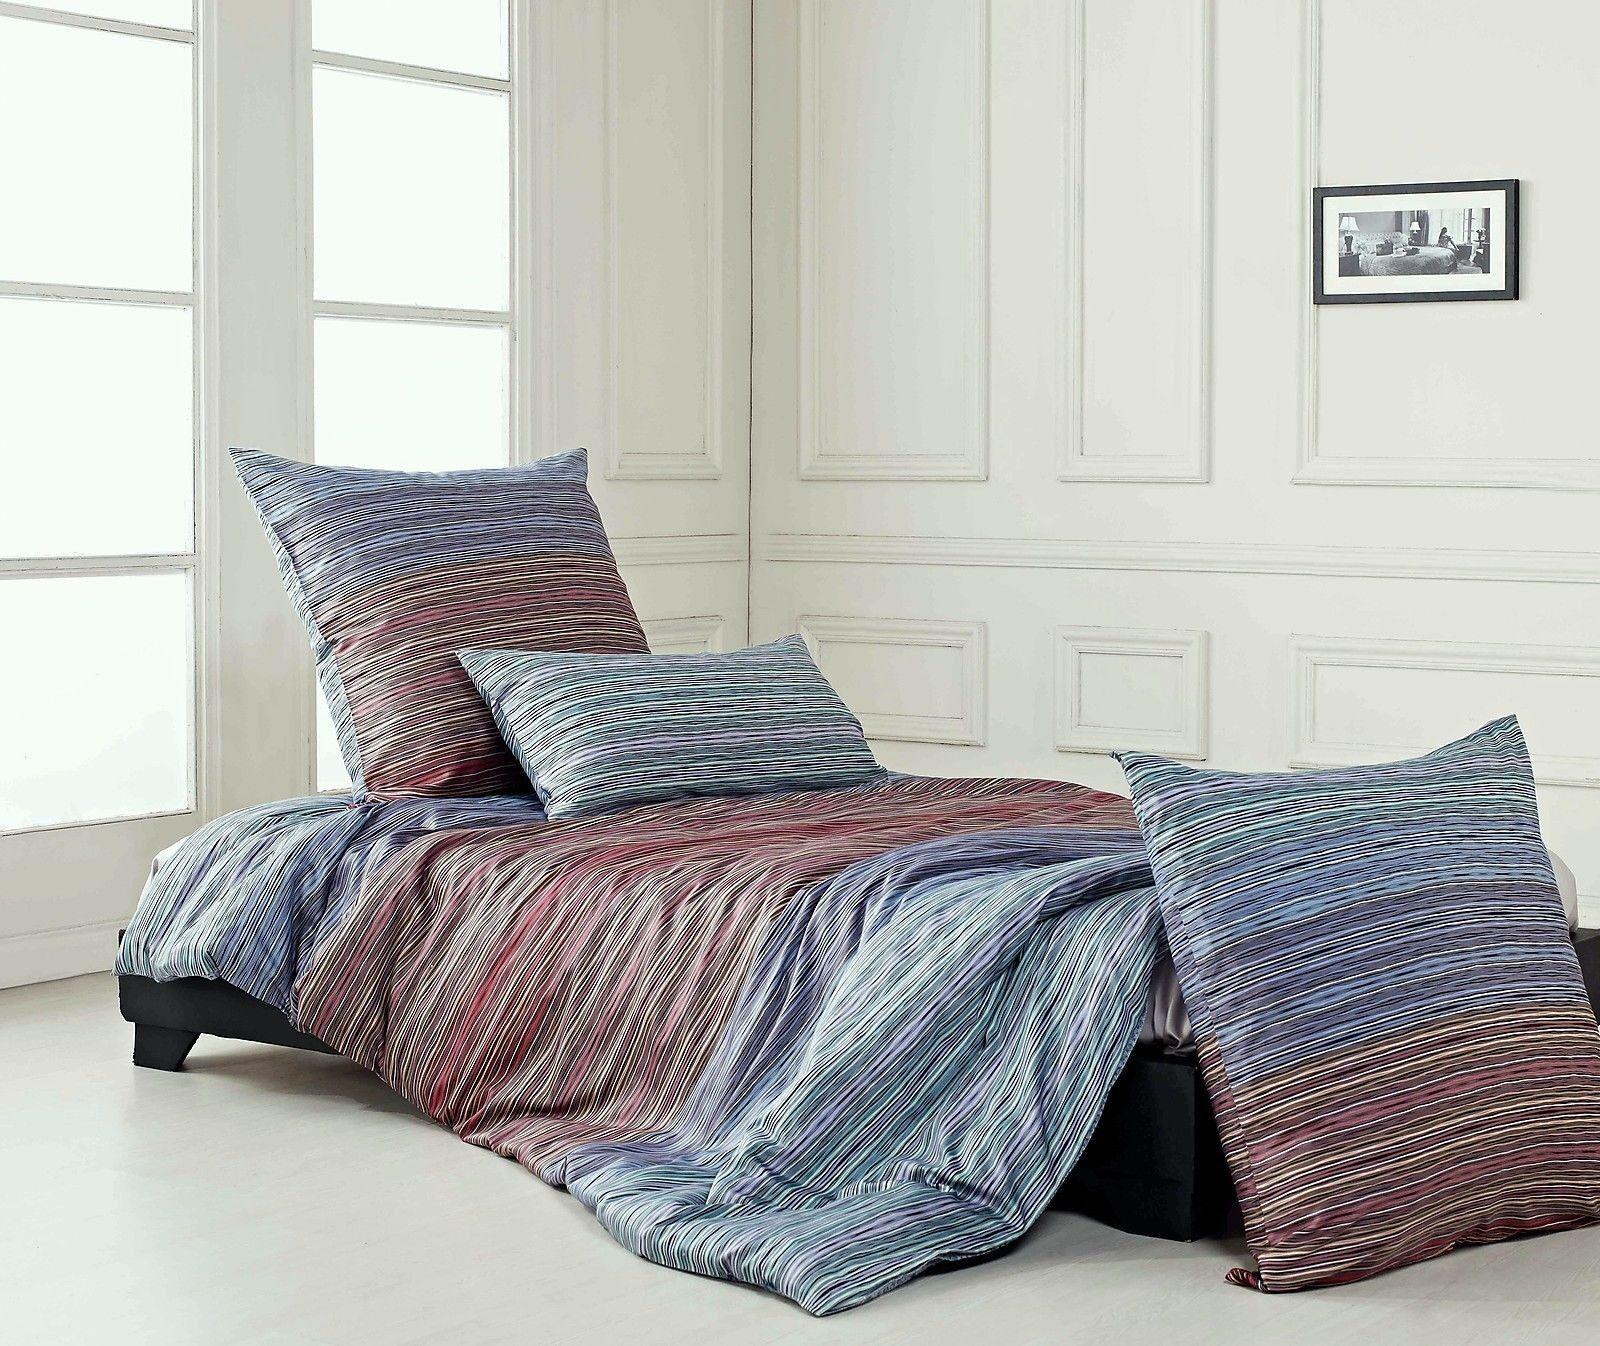 Modernes Bettwäsche-Set aus Mako-Satin-Baumwolle  135 x 200 cm  80 x 80 cm | Überlegen